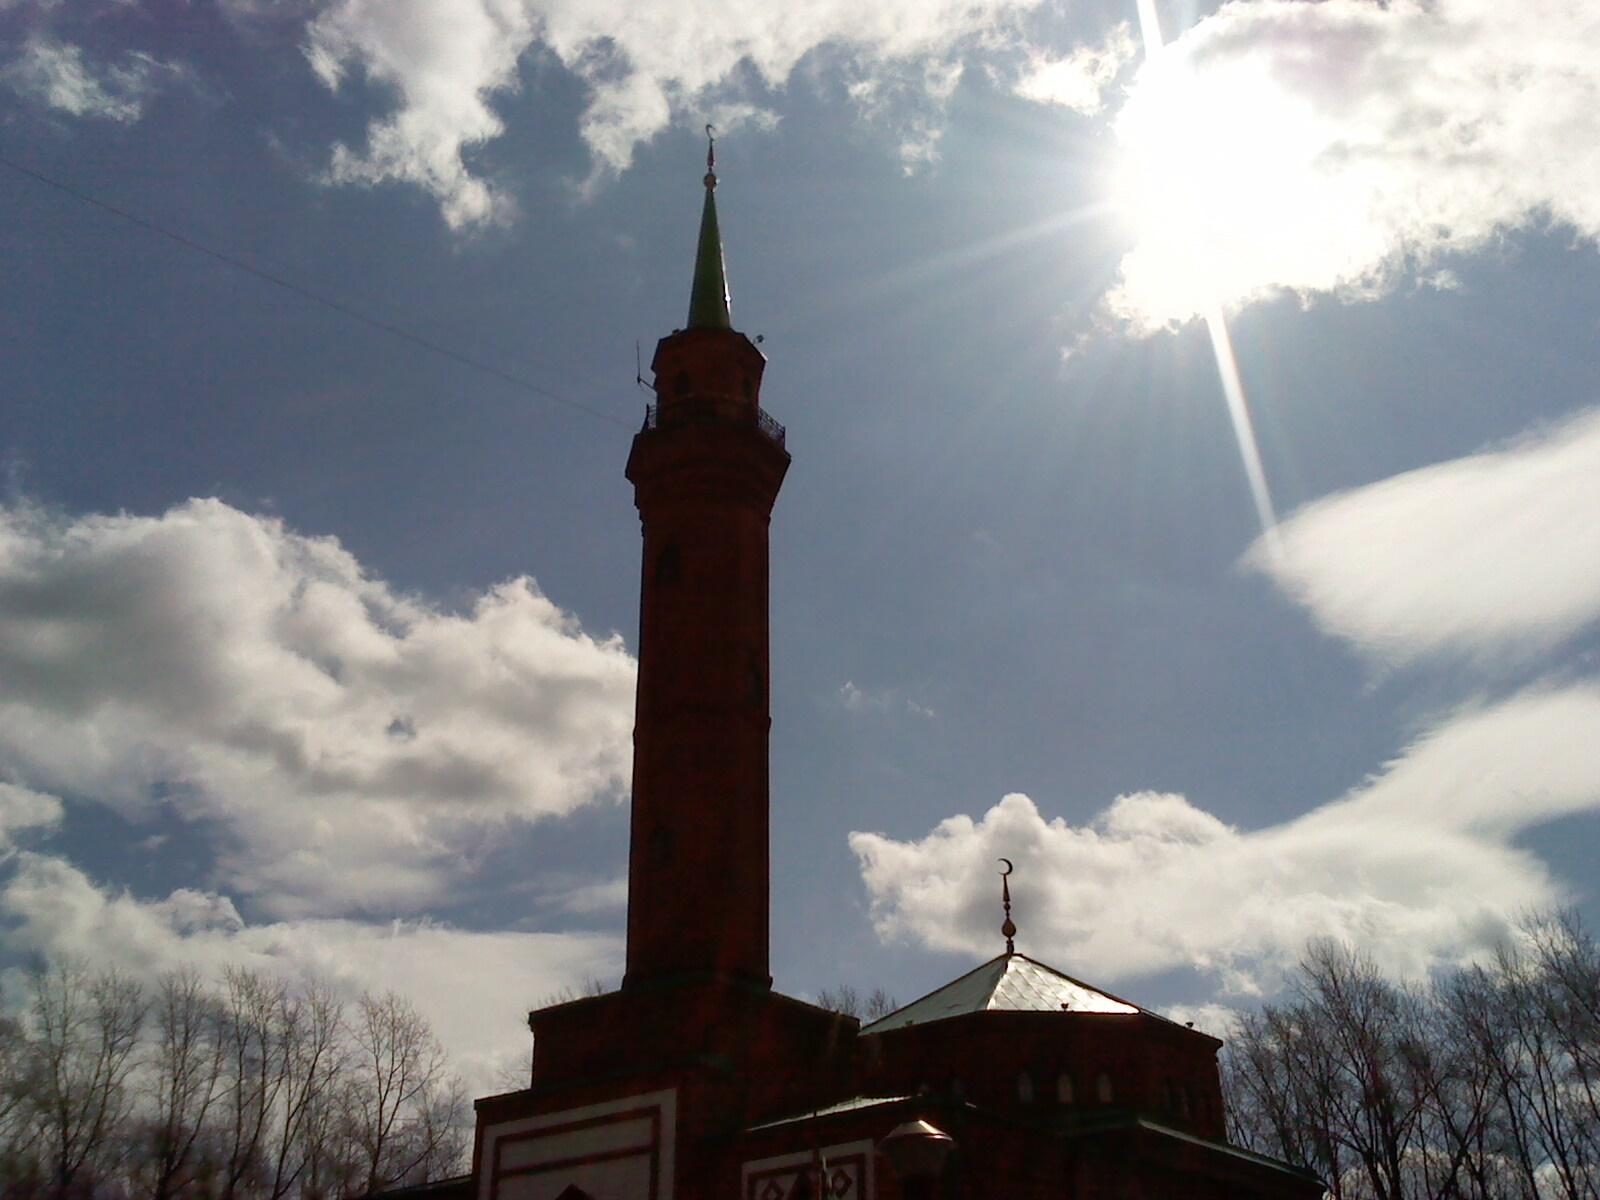 http://islamcenter.ru/uploads/photo/865842da1cf6ebbdefef6114cc786777.jpg